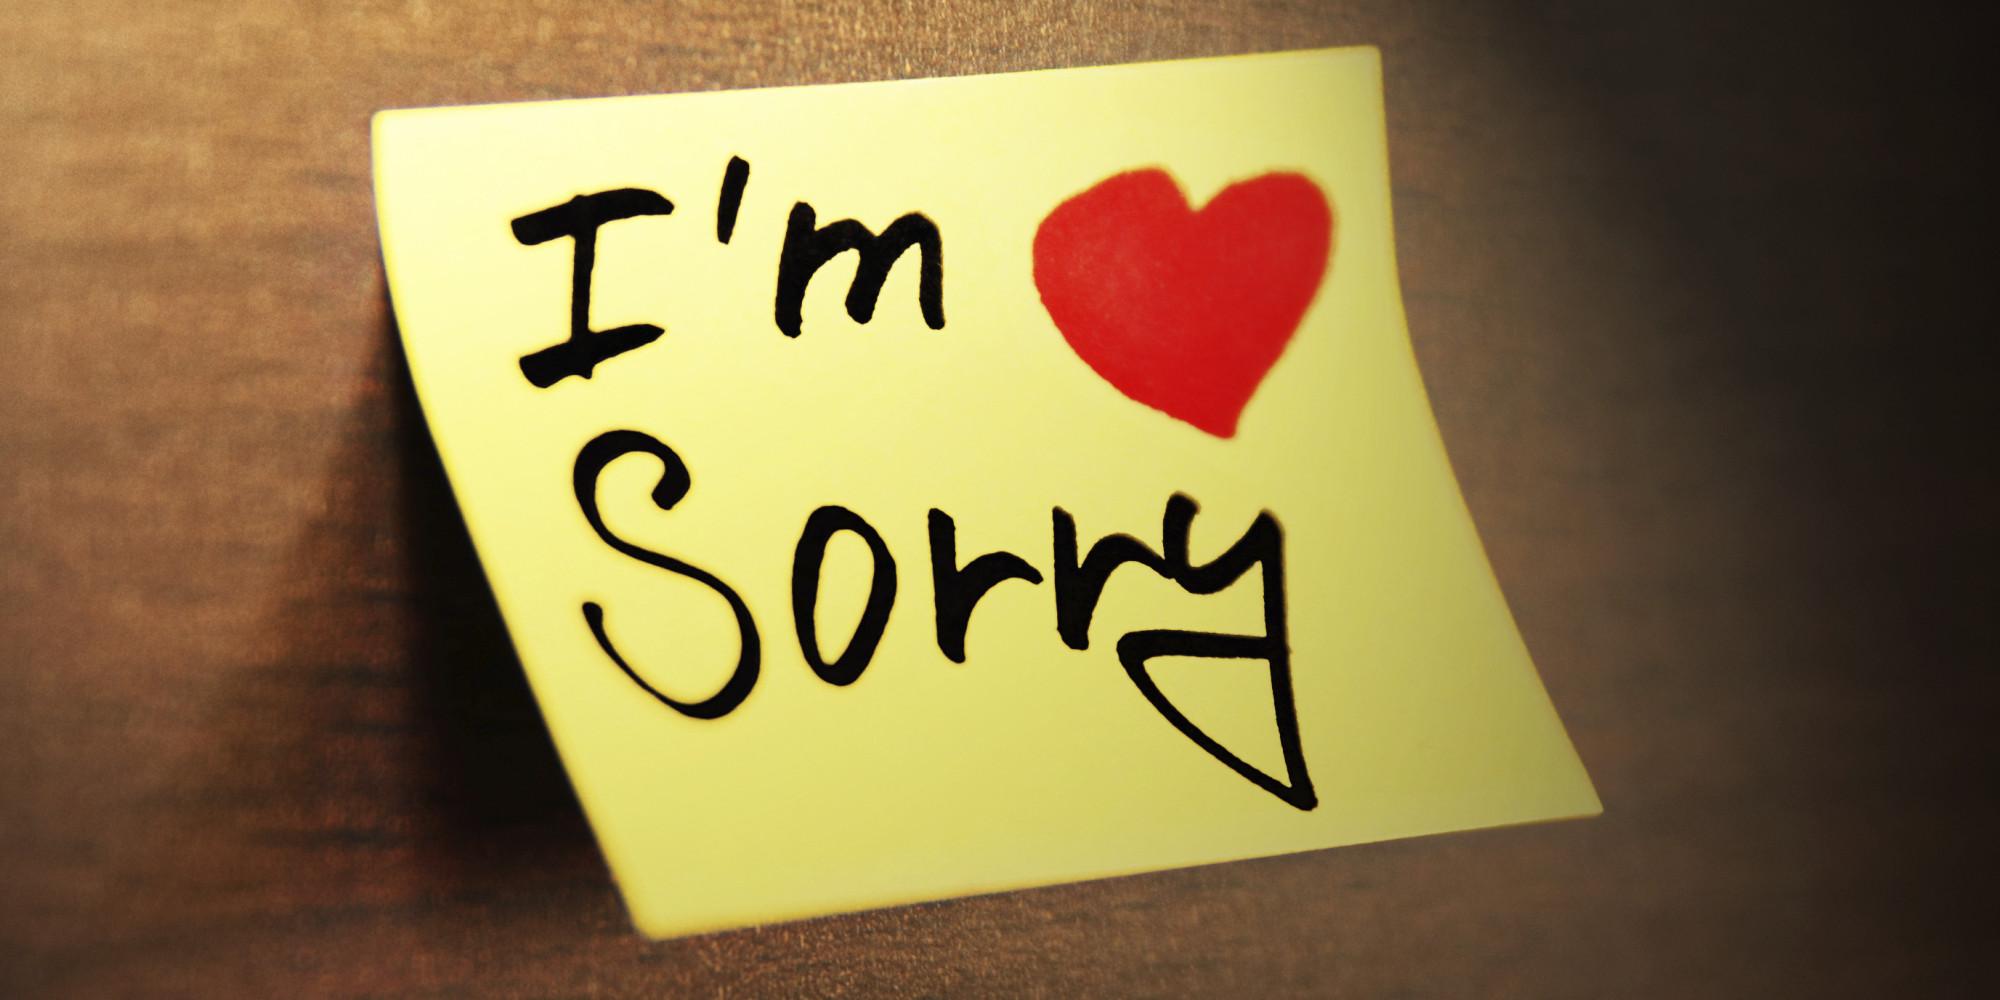 بالصور رسالة اعتذار للزوج , زوجي العزيز تقبل اعتذاري 3433 1